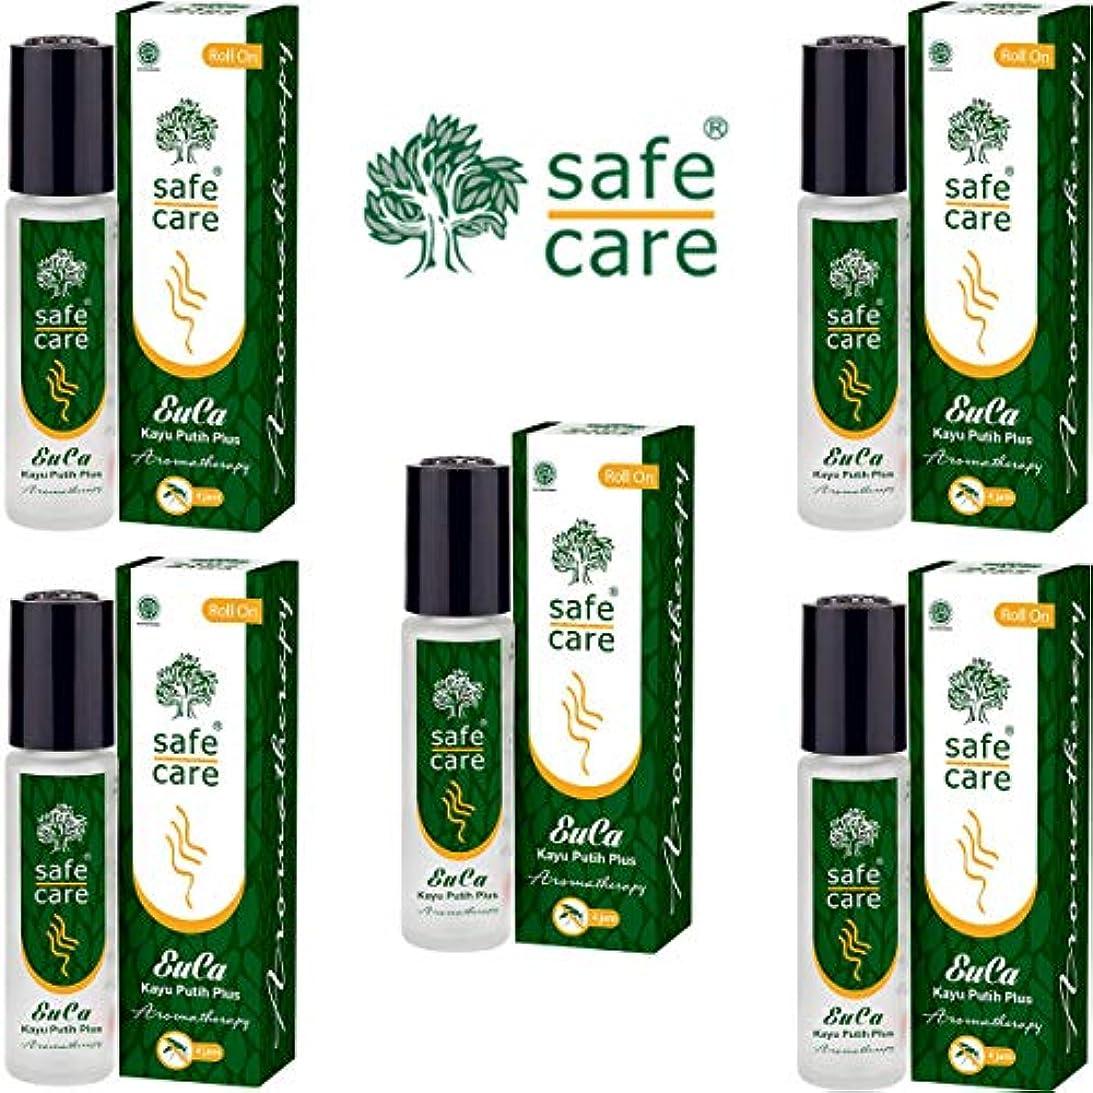 バット狼給料Safe Care セーフケア Aromatherapy Kayu Putih Plus アロマテラピー リフレッシュオイル カユプティプラス ロールオン 10ml×5本セット [海外直送品]